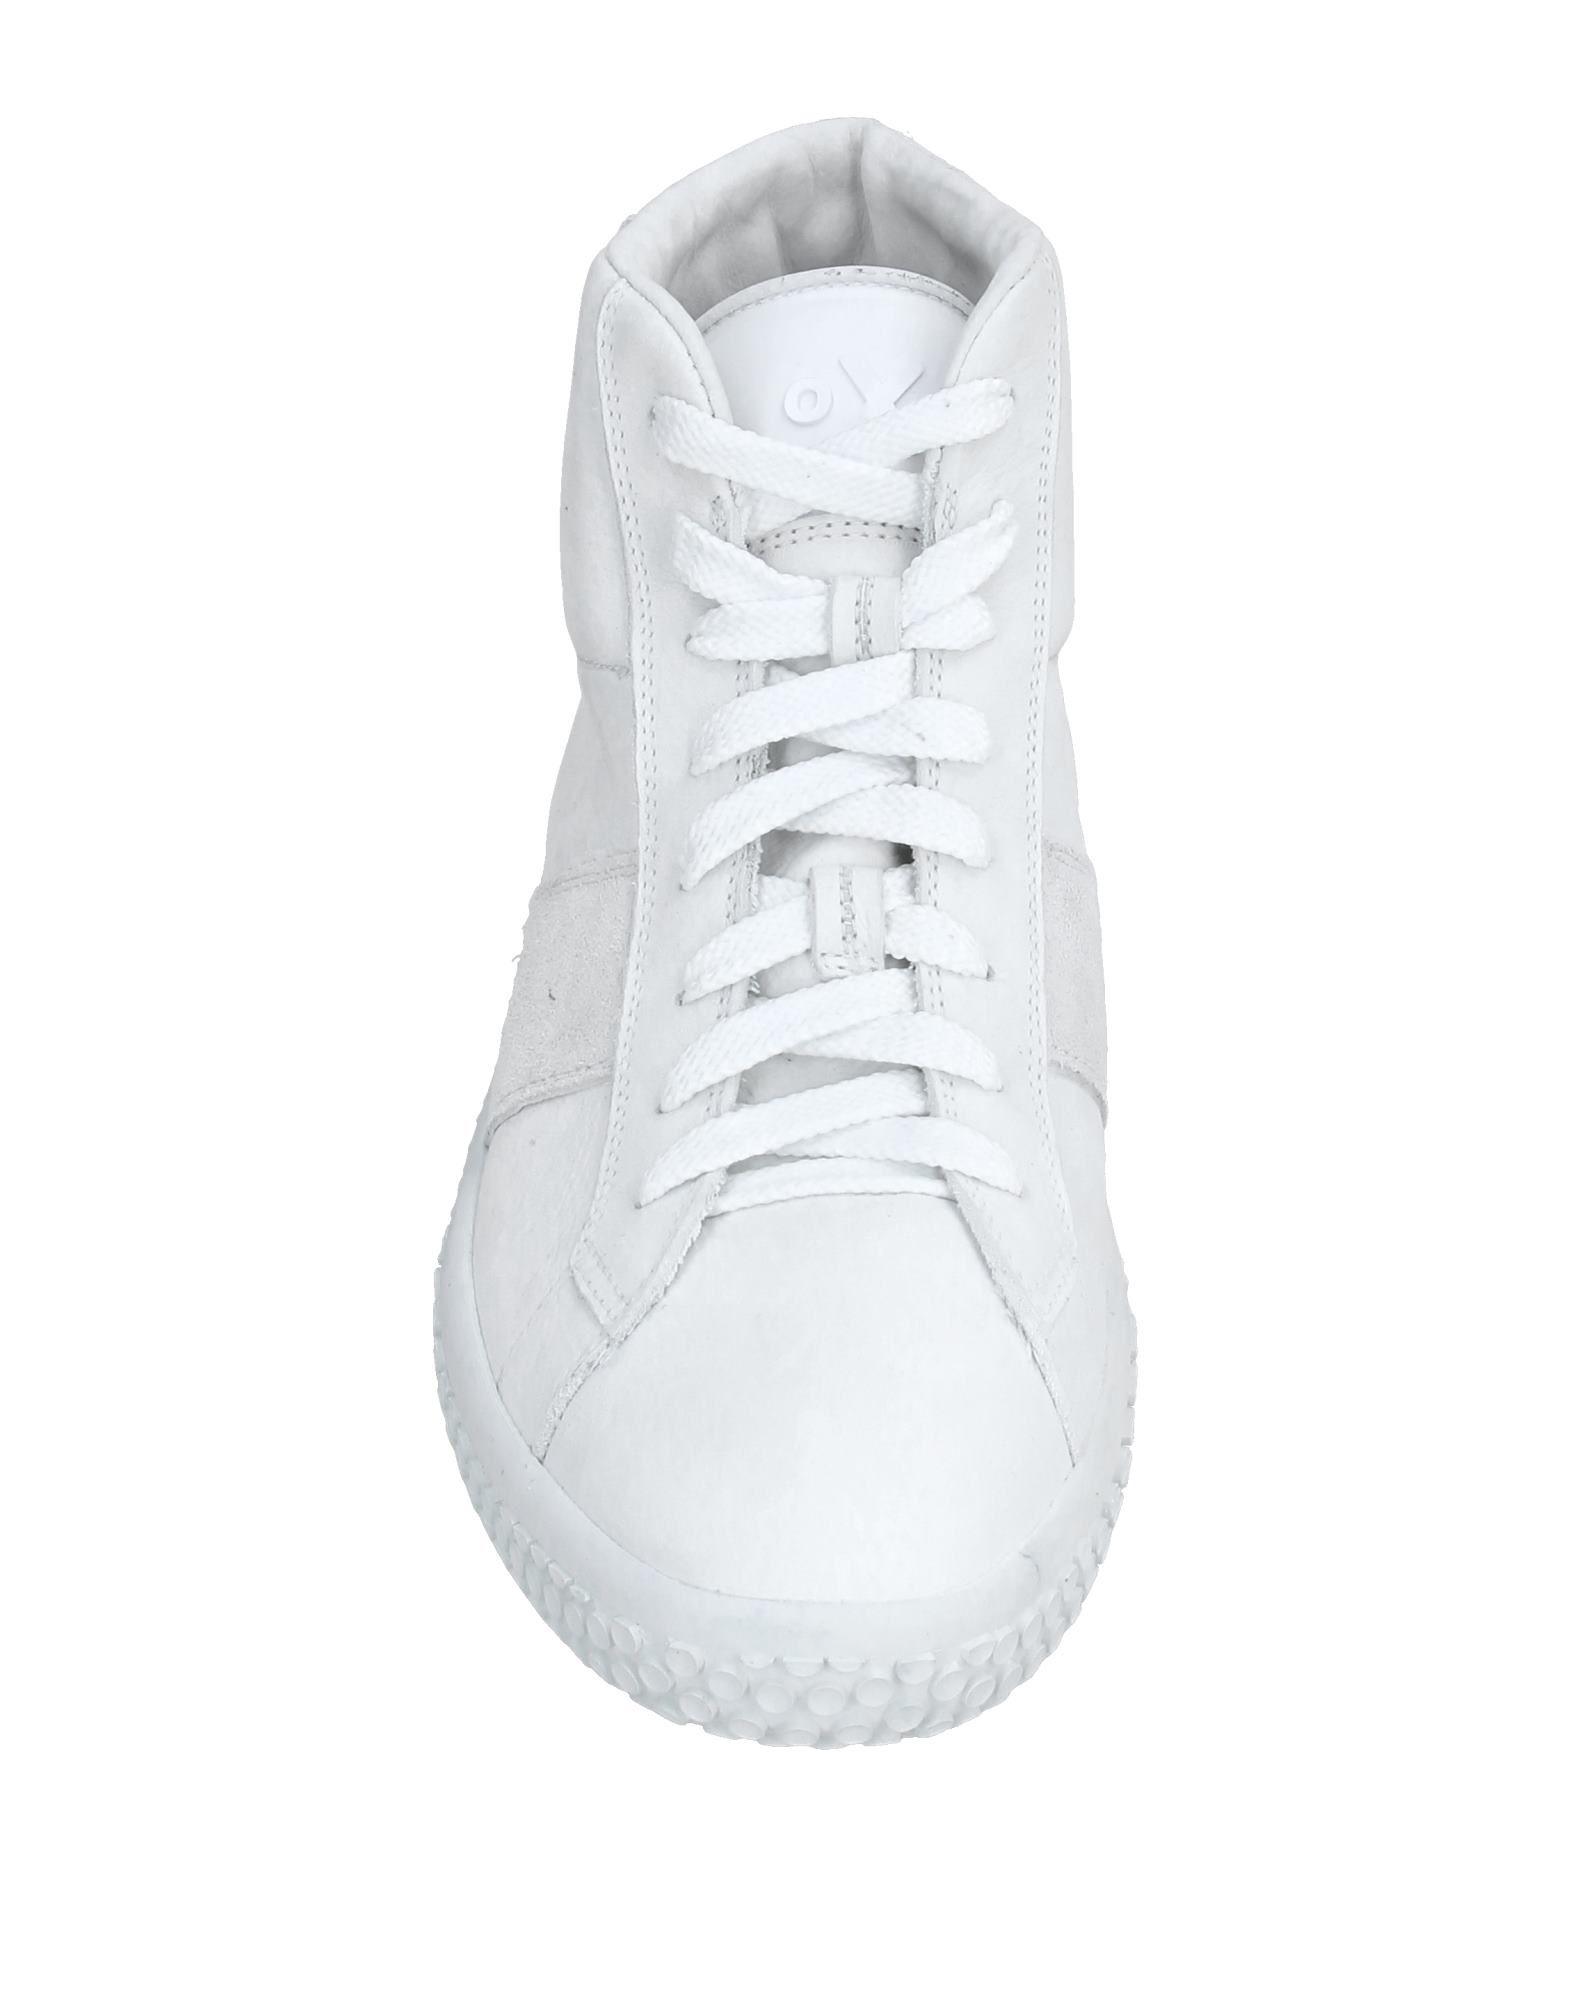 O.X.S. Heiße Sneakers Damen  11355195QE Heiße O.X.S. Schuhe 345861